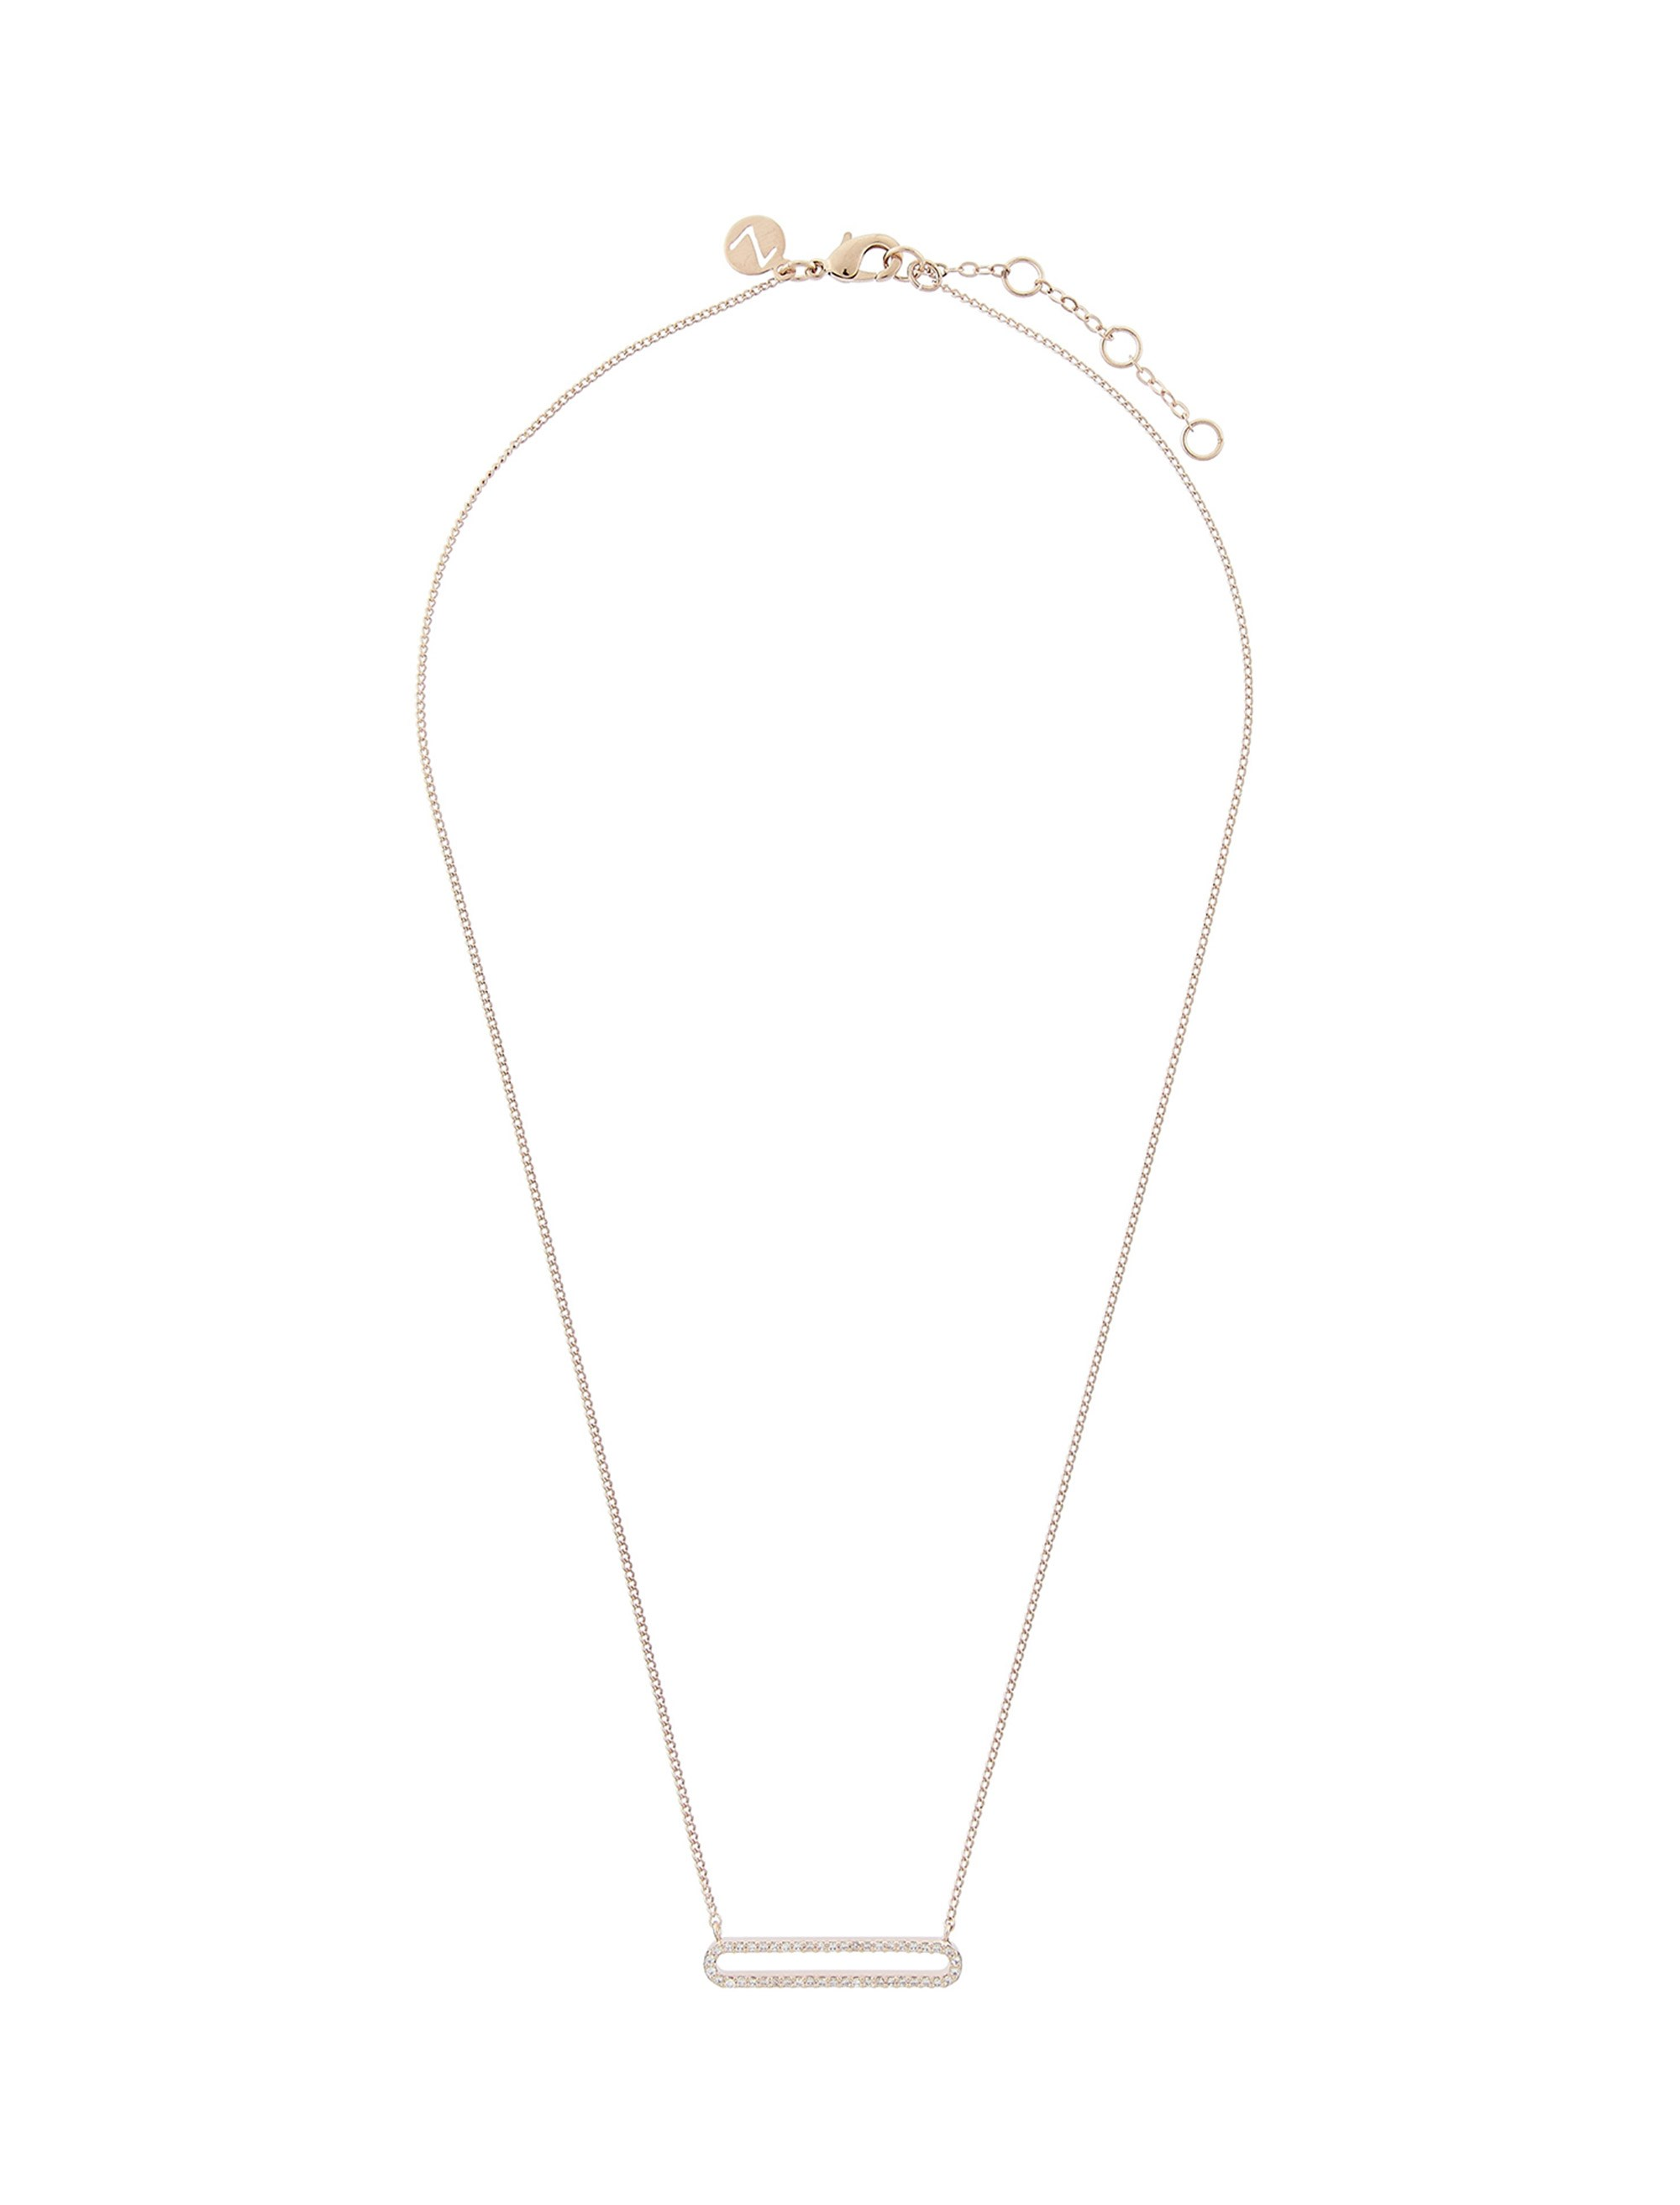 قیمت گردنبند برنجی آویز زنانه Diamante Oval - اکسسوریز